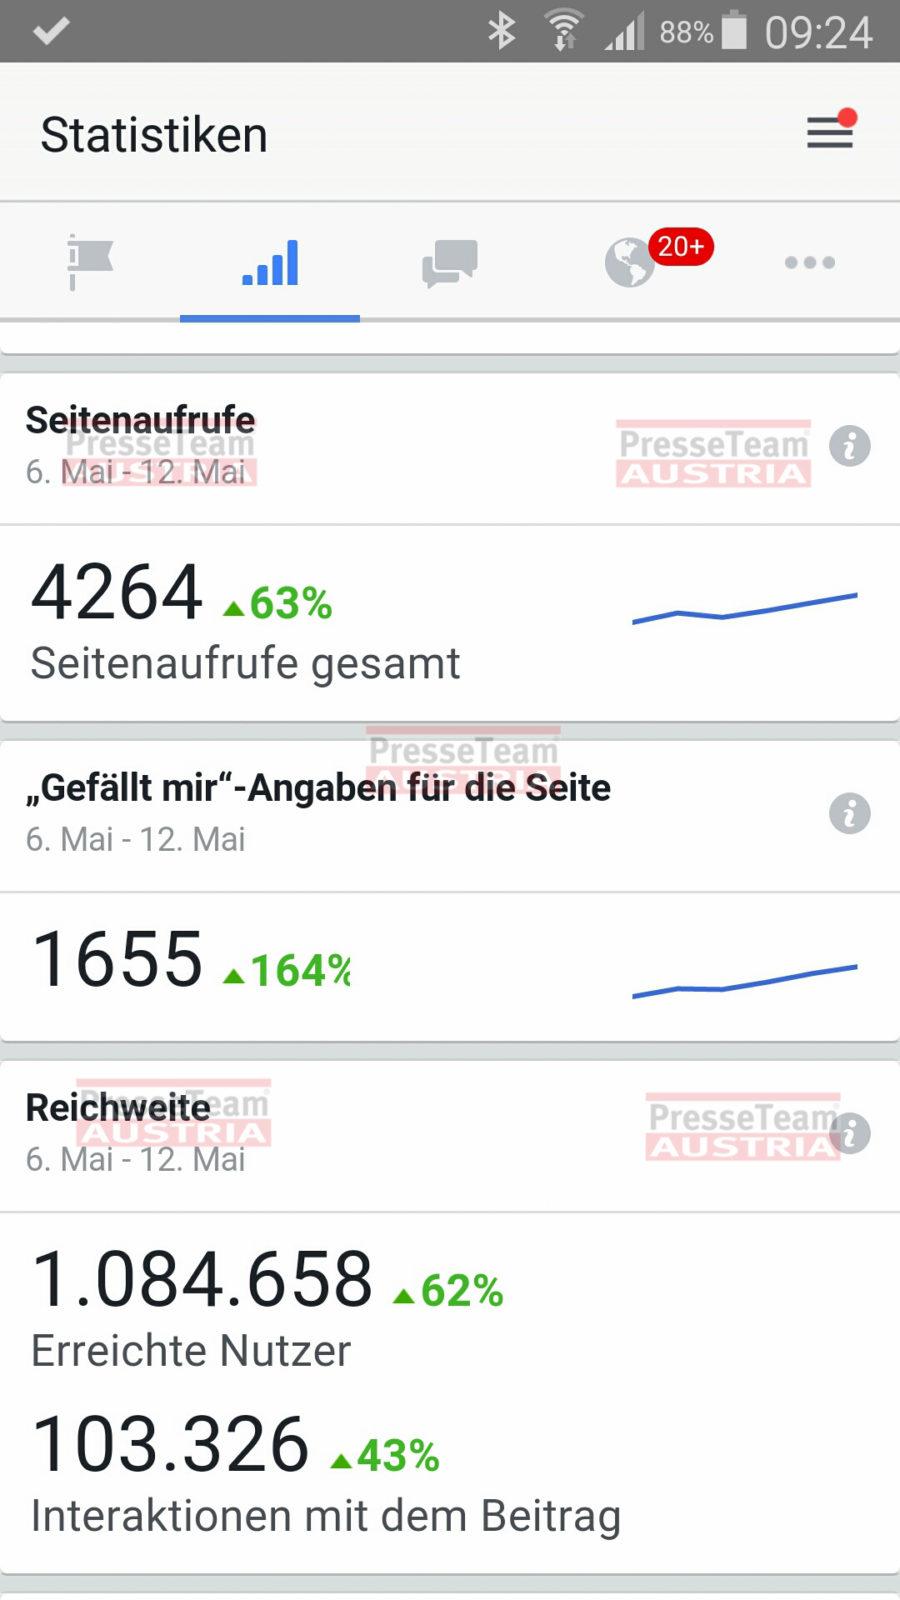 Facebook Marketing Schulung 10 - 10.730.101 Reichweite mit Facebook-Marketing: Der sichere Weg zu Ihrer Zielgruppe!